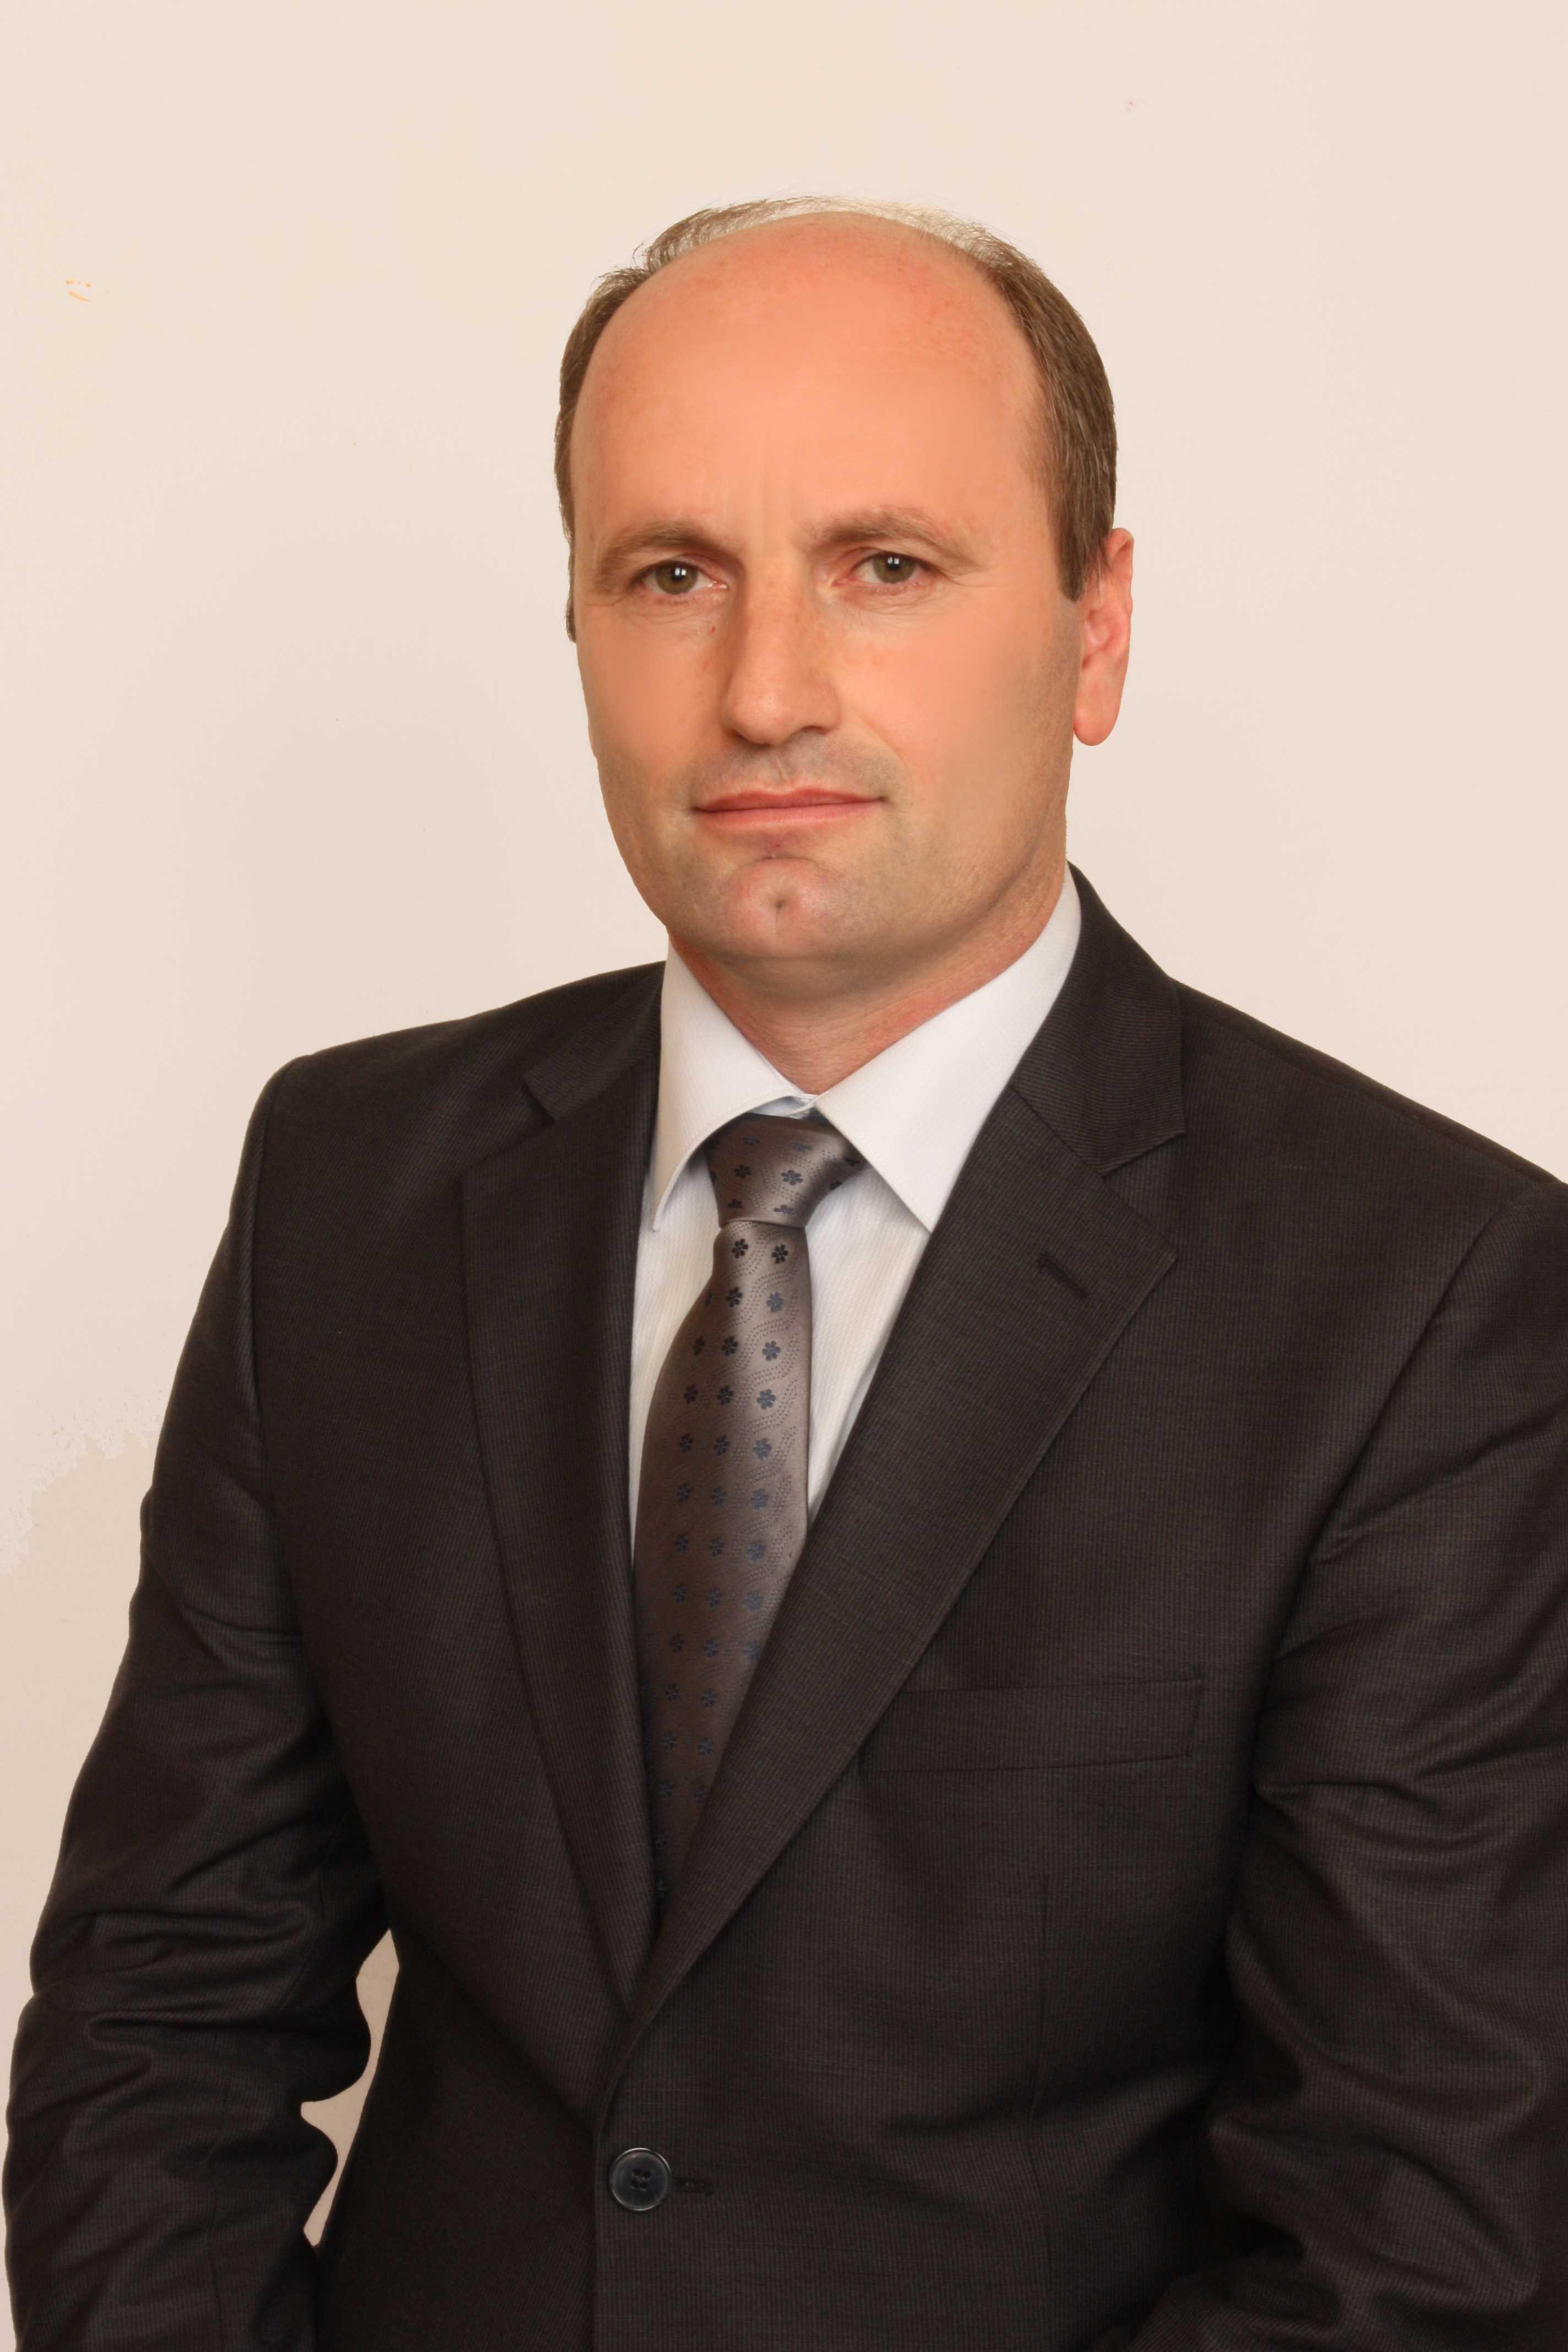 Milaim Zabeli